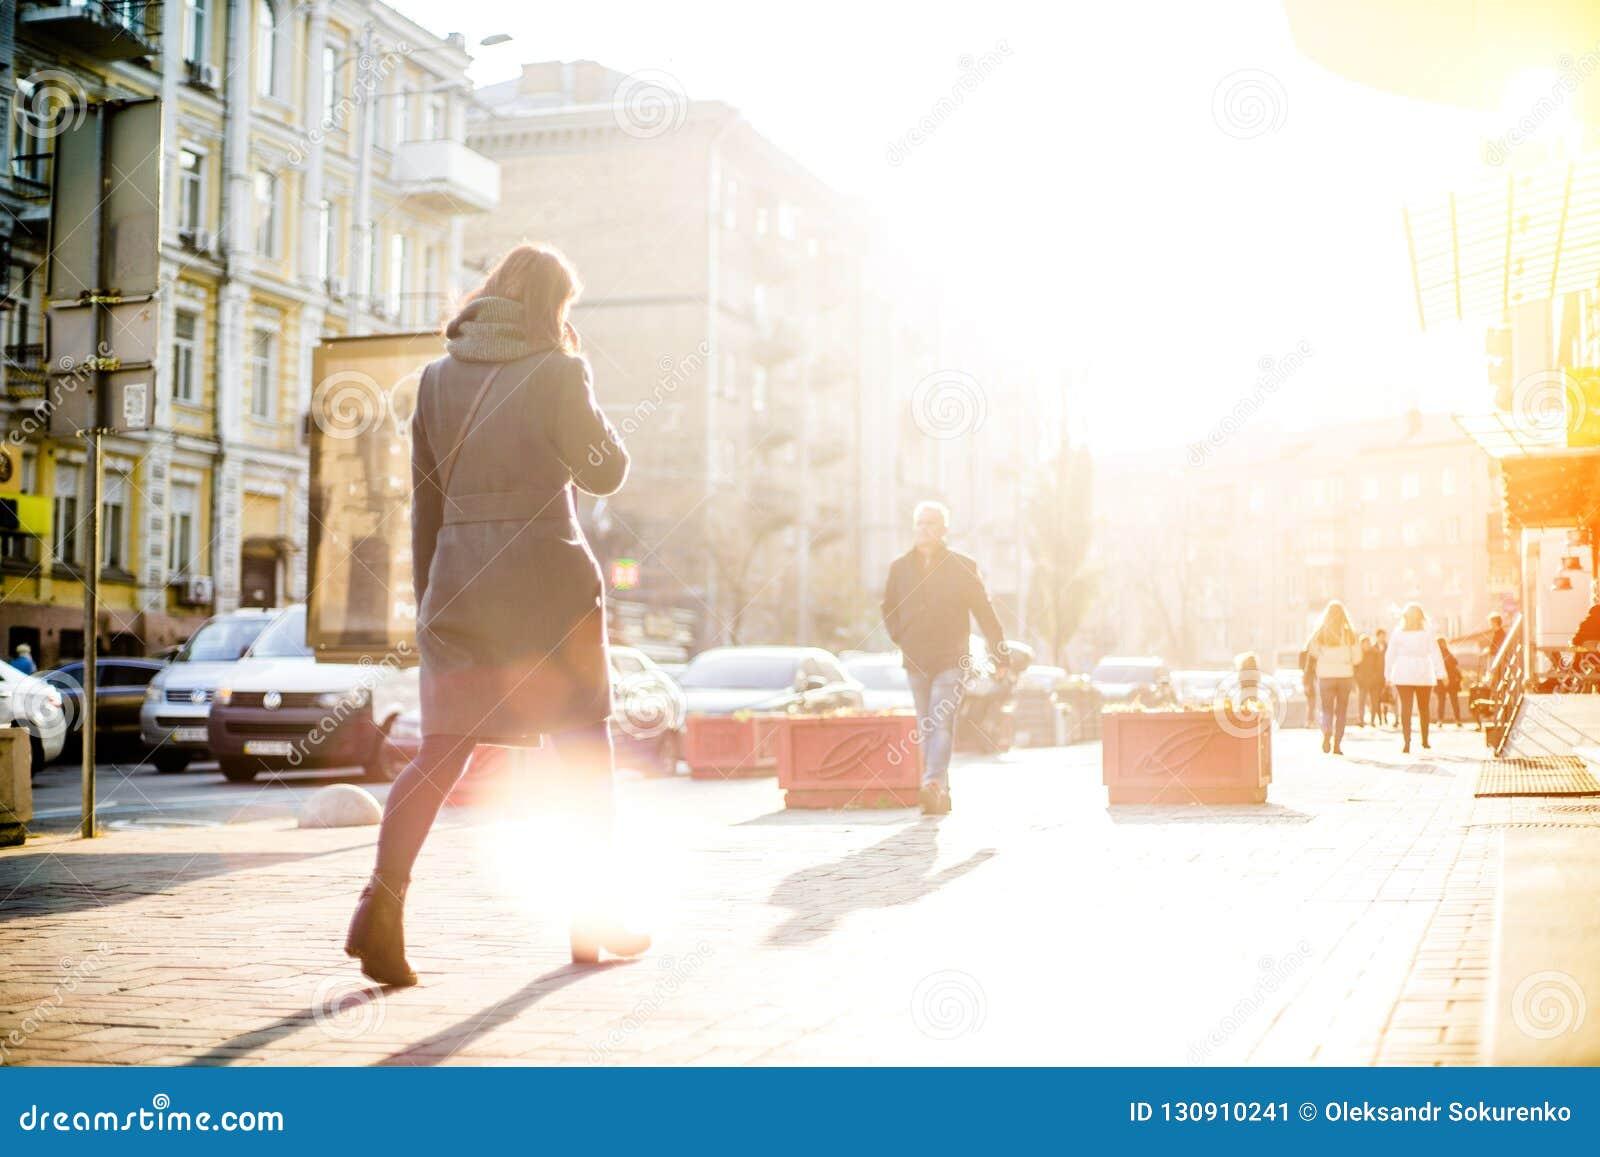 La gente con i fronti irriconoscibili sta camminando tramite le vie